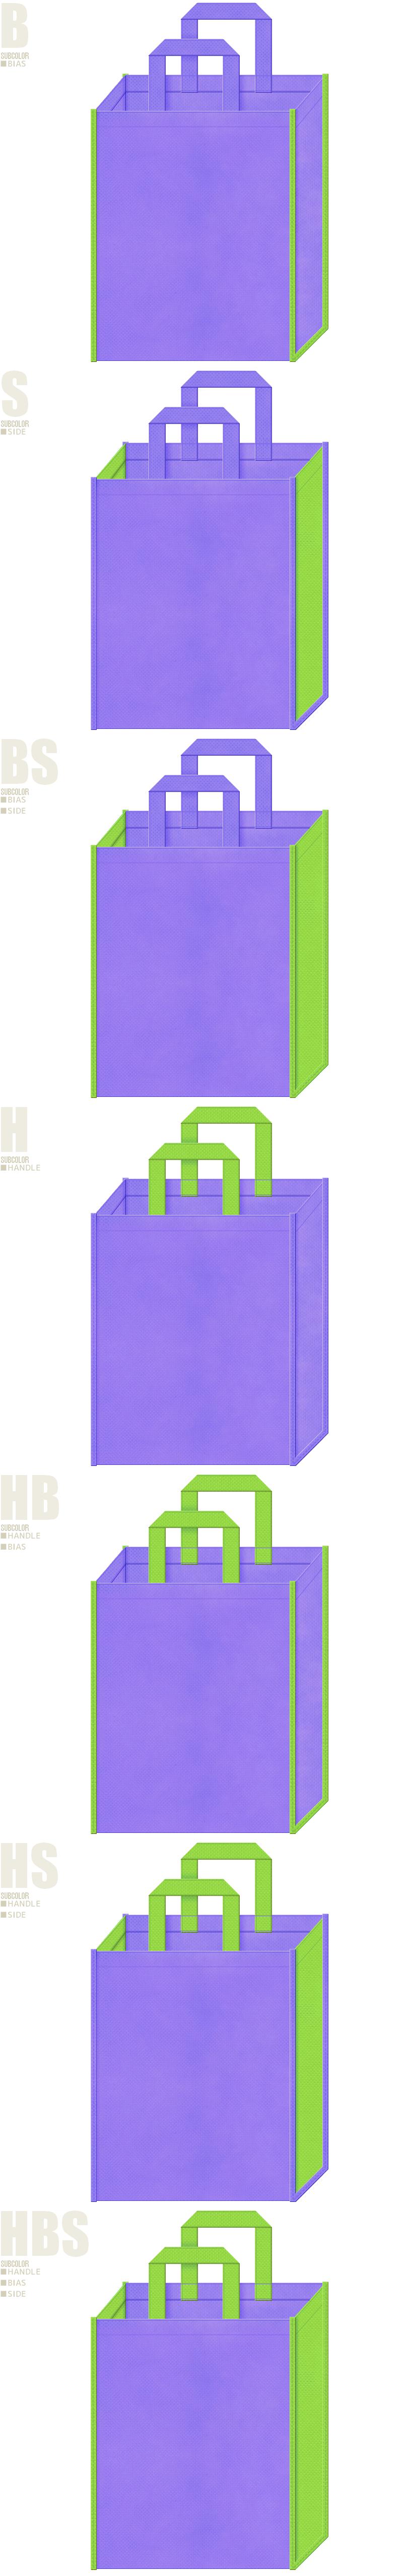 明るめの紫色と黄緑色、7パターンの不織布トートバッグ配色デザイン例。紫陽花風。